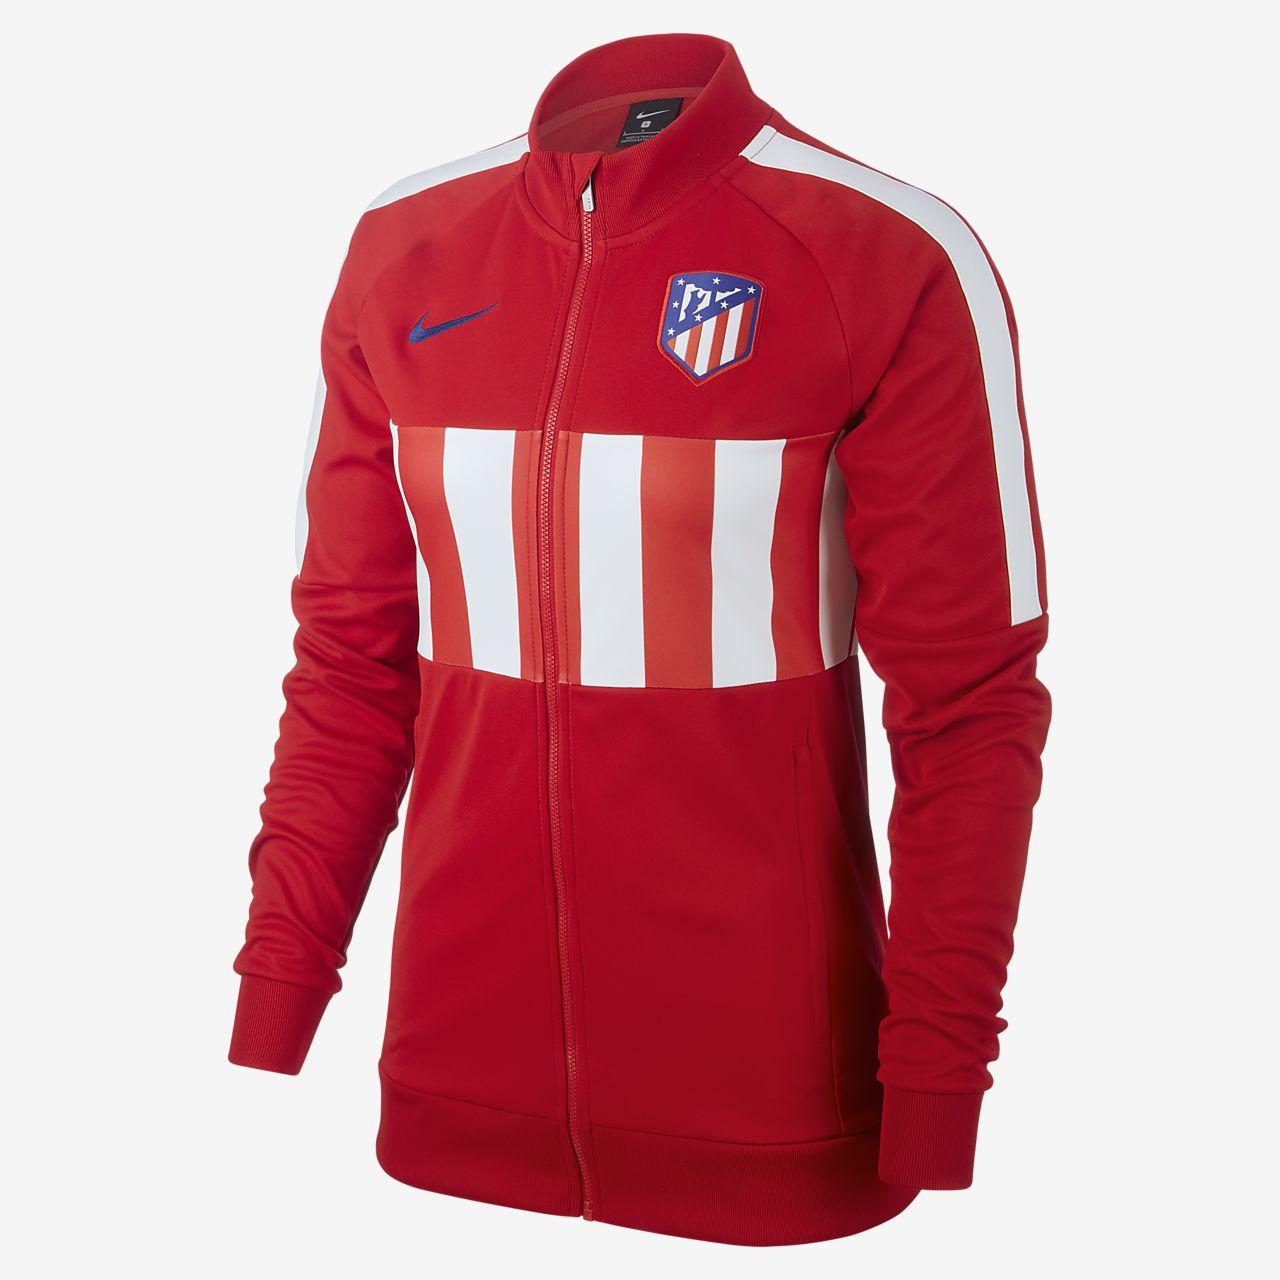 Veste Atlético de Madrid pour Femme